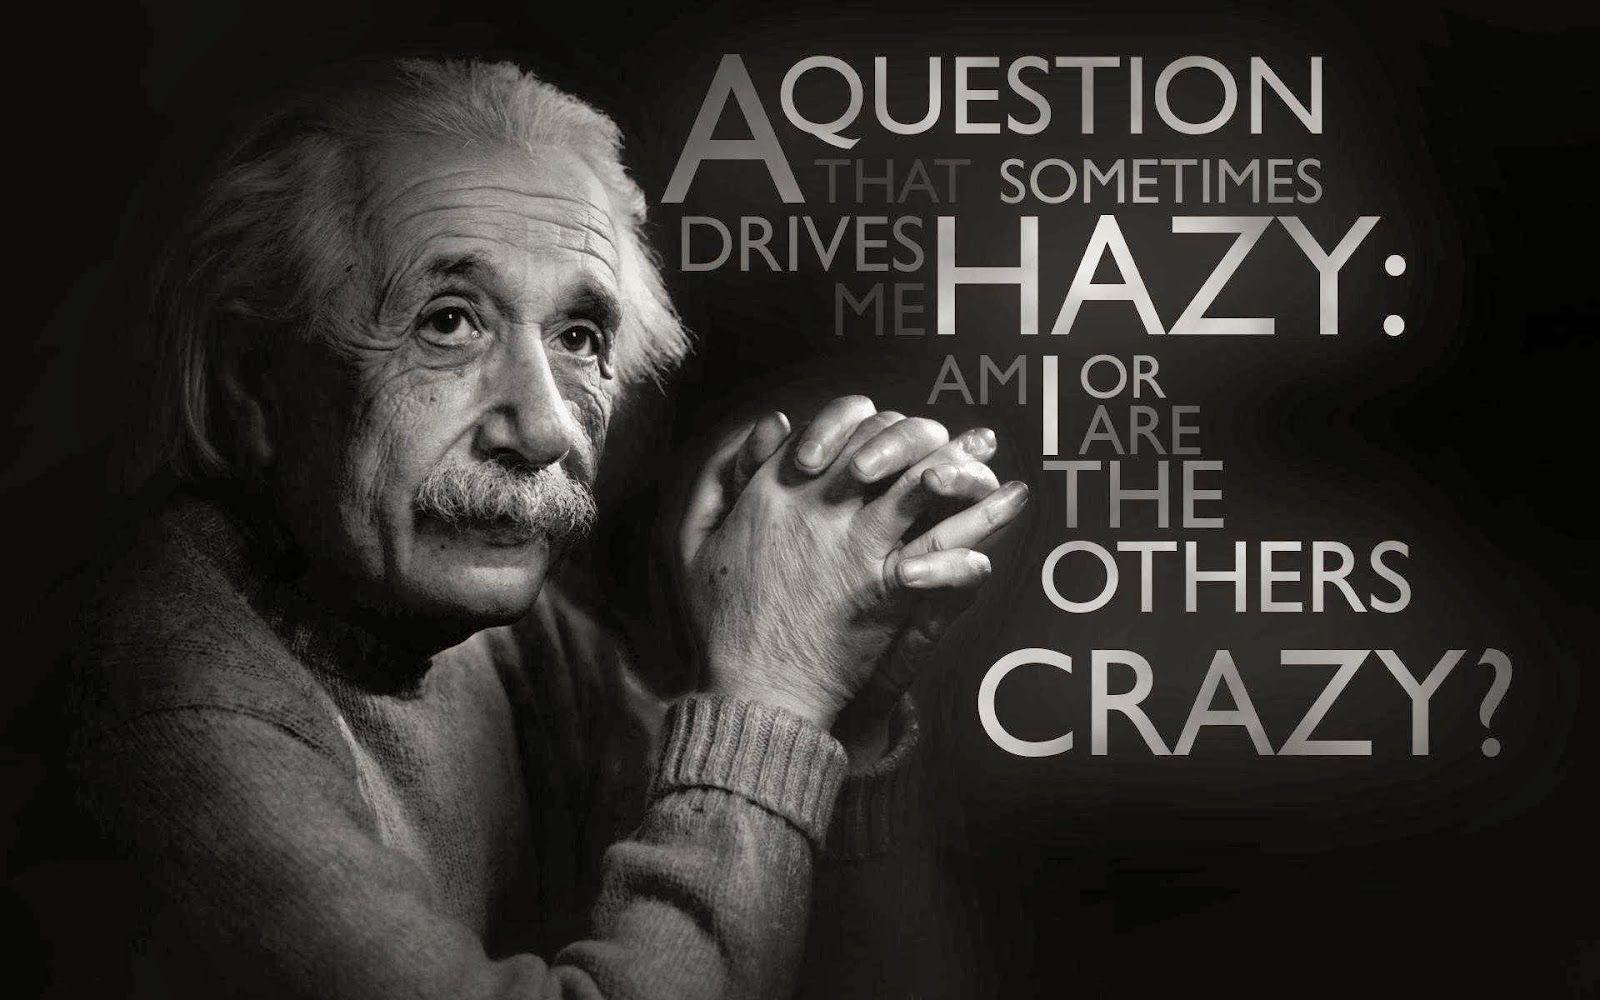 Albert Einstein Theoretical Physicist Philosopher Of Science